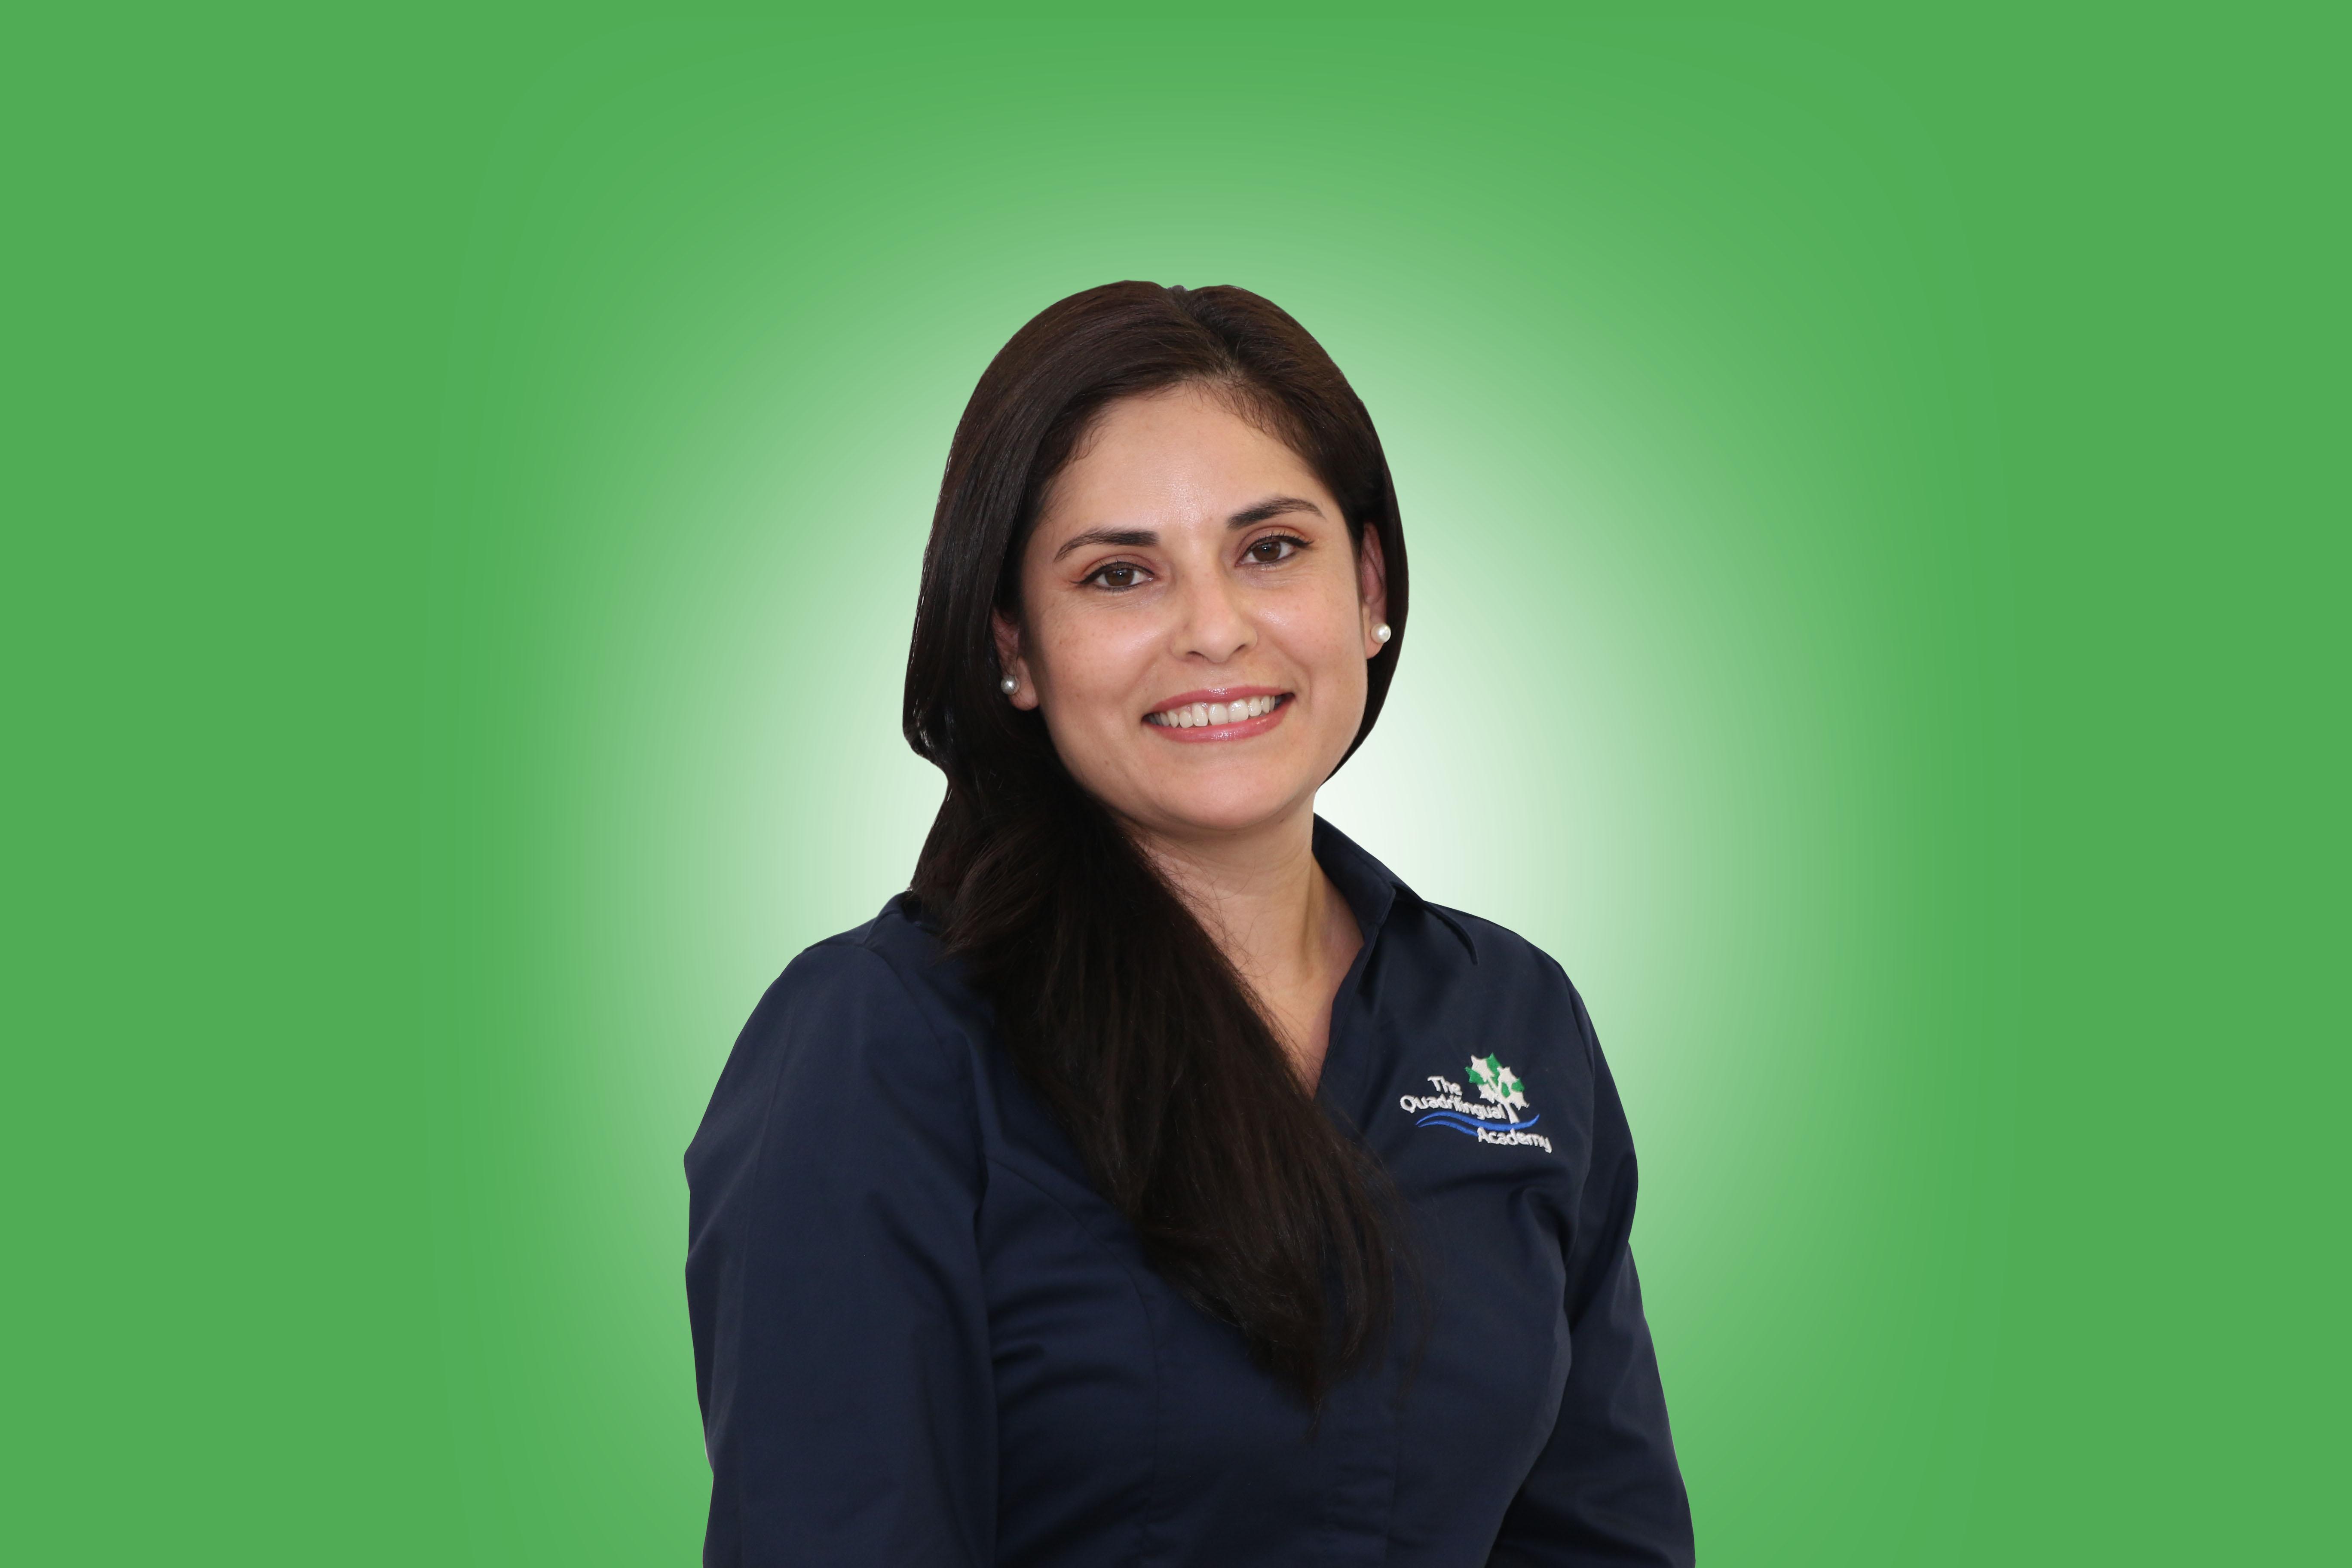 Angelica Ruiz